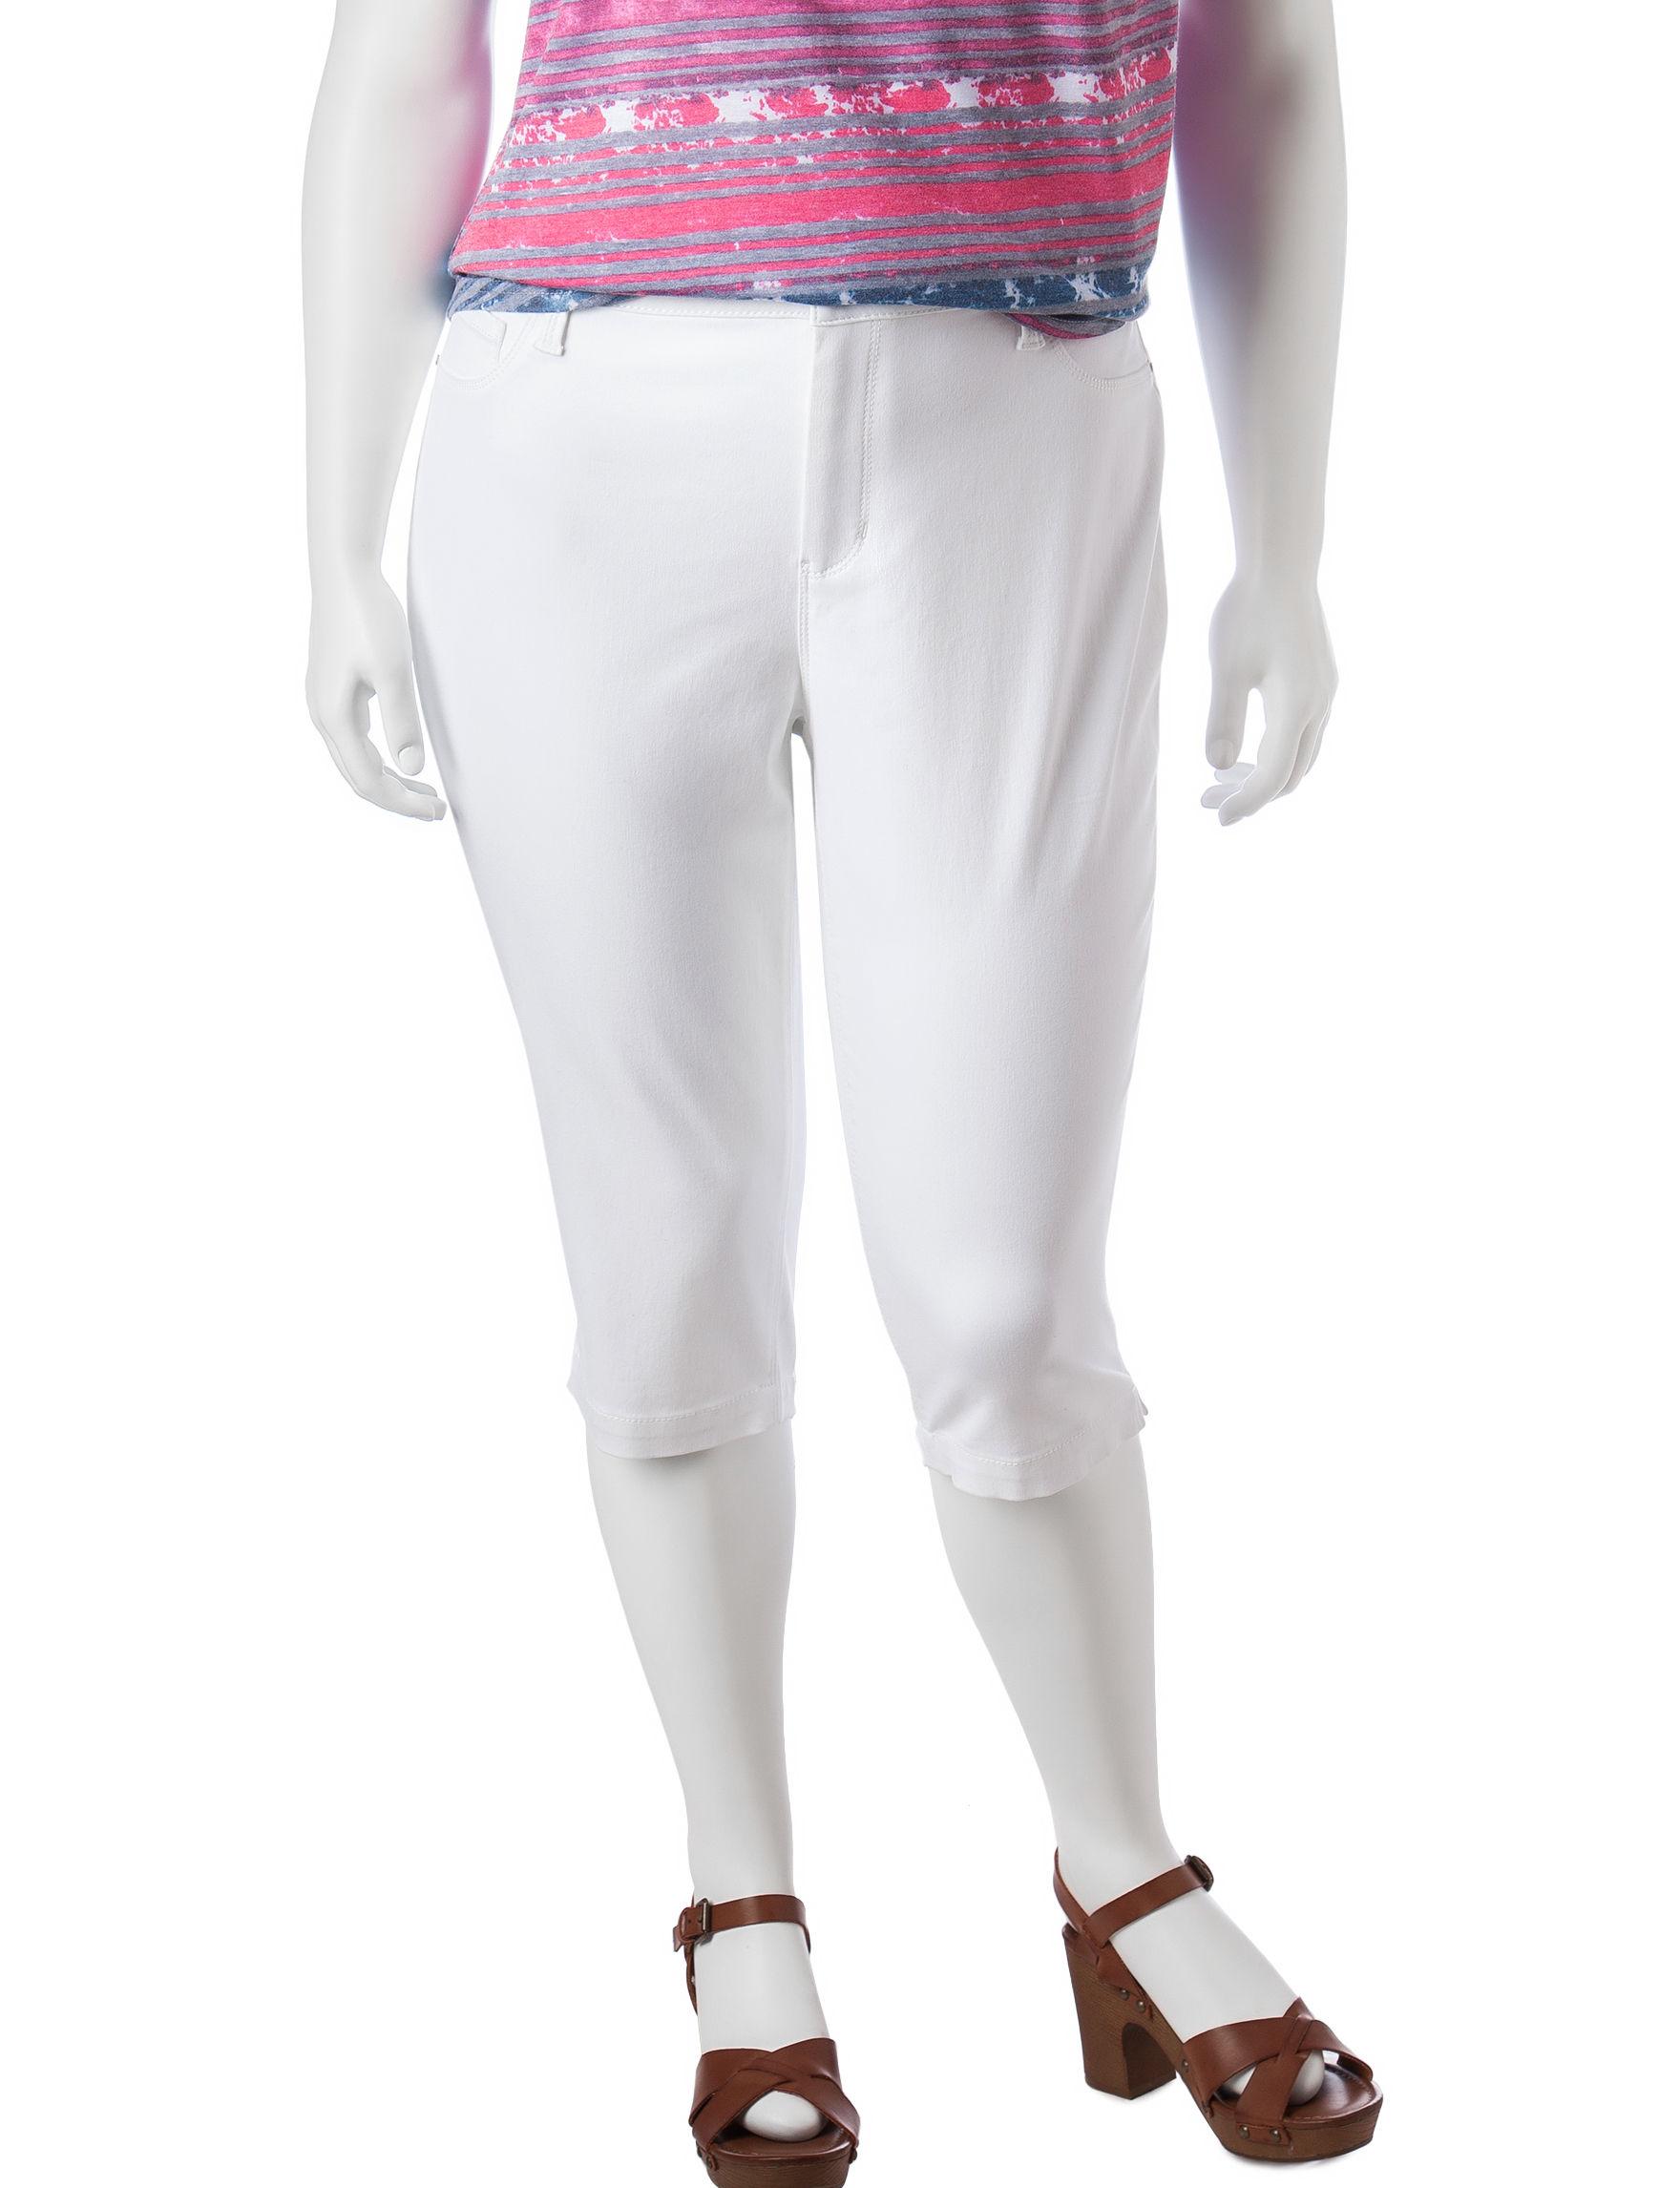 Signature Studio White Denim Shorts